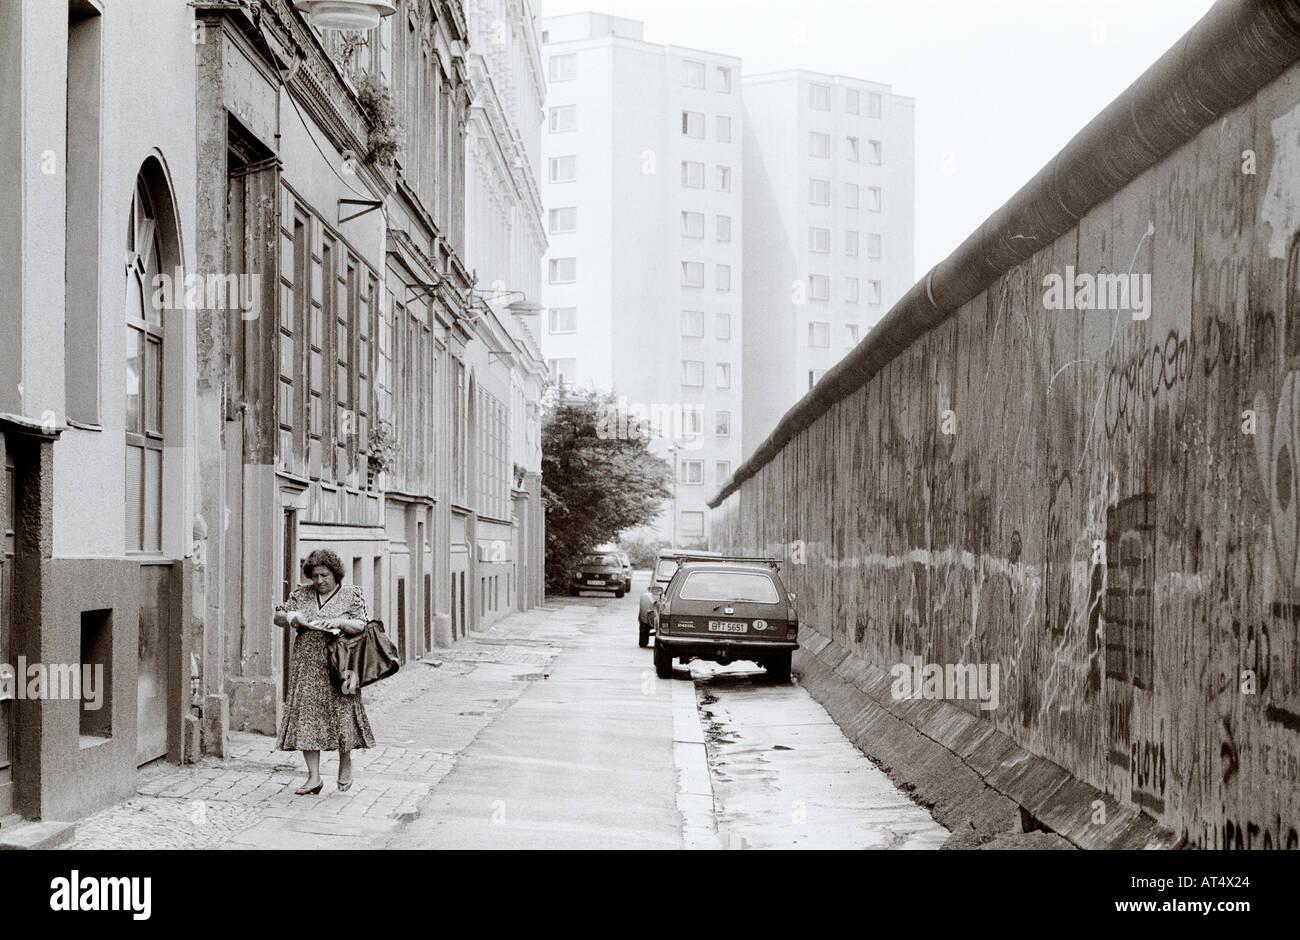 La historia de Europa. El histórico Muro de Berlín en Kreuzberg de Berlín Occidental en Alemania en Europa durante la Guerra Fría. Imagen De Stock